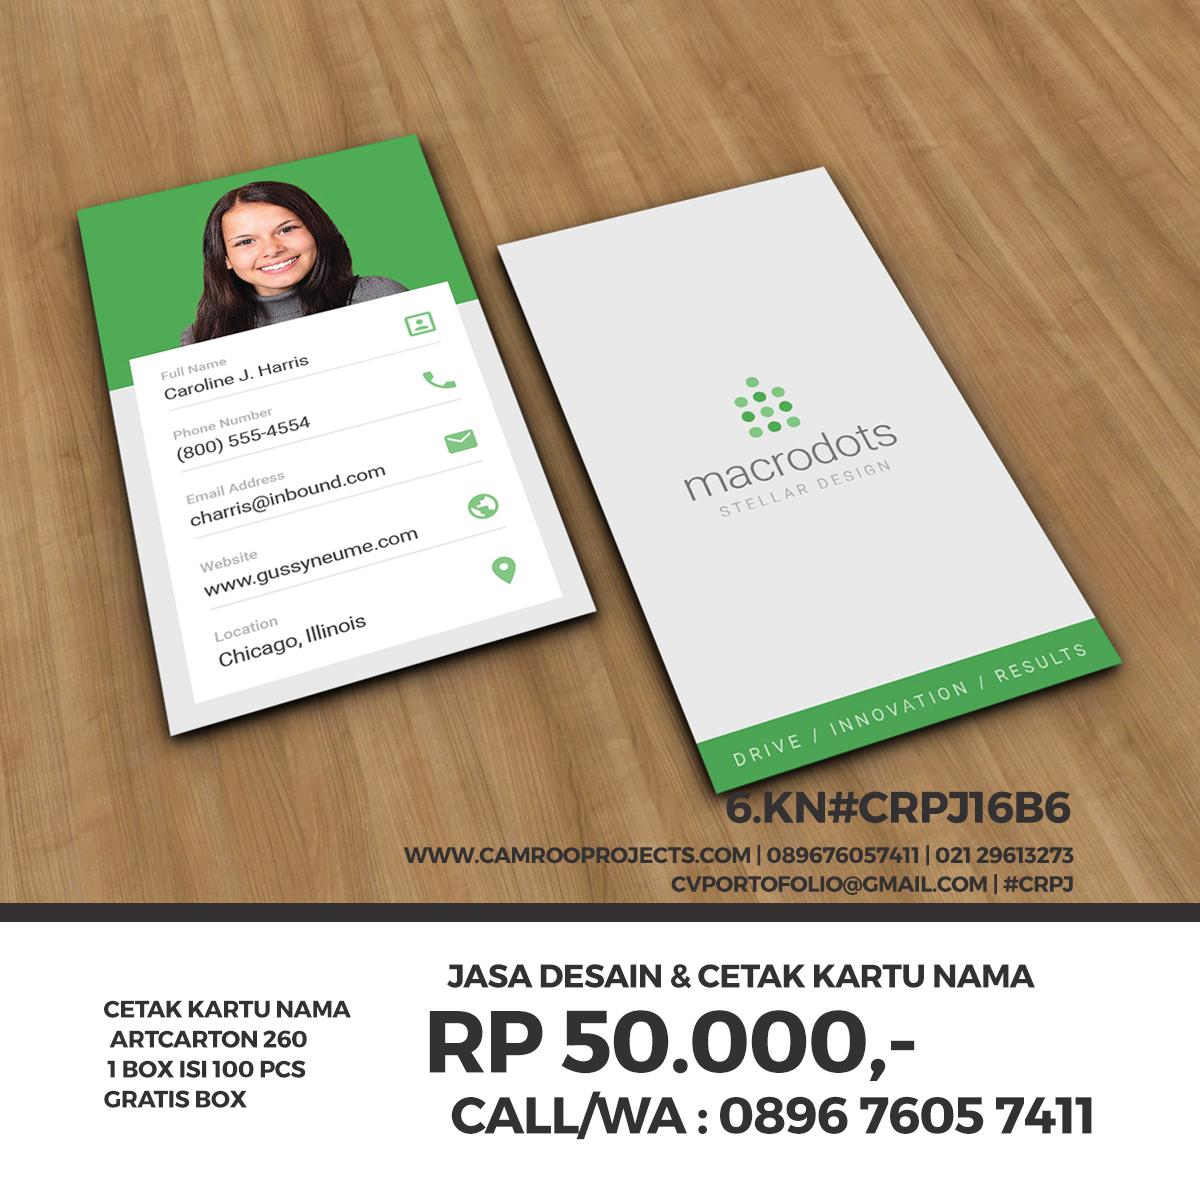 Jasa Desain Kartu Nama | resmi | Call/WA 0896 760 574 11